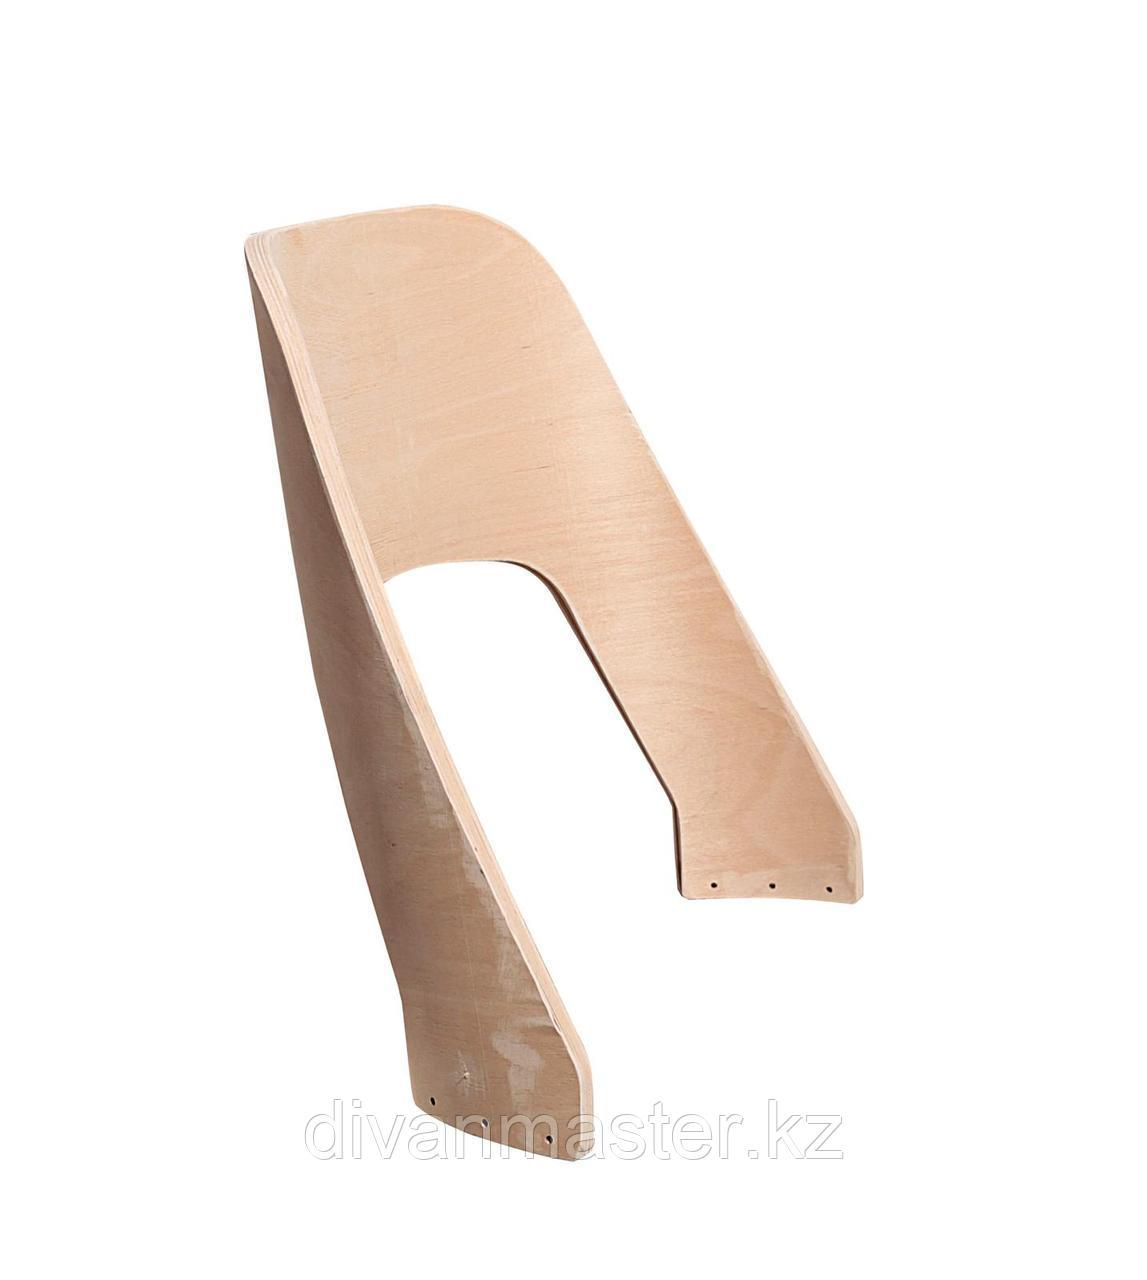 Гнутая спинка для мягкого стула - PARIS